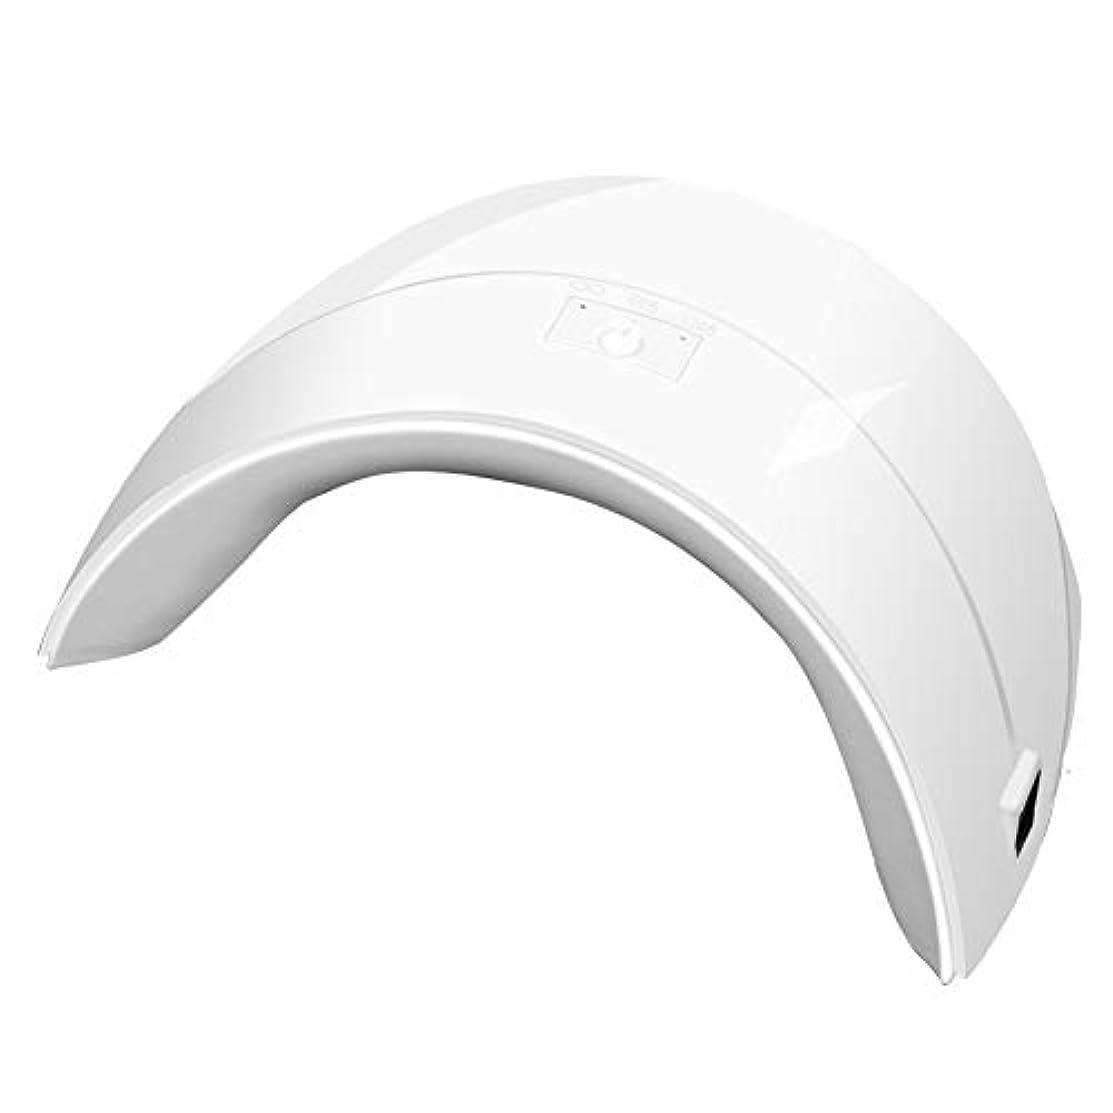 信じられない部弓硬化ライト ネイルドライヤー マニュキュア用硬化ライトUVライトジェルネイルLEDライト36W新型 3段階タイマー付きUSB仕様 ハイパワー 日本語説明書付き